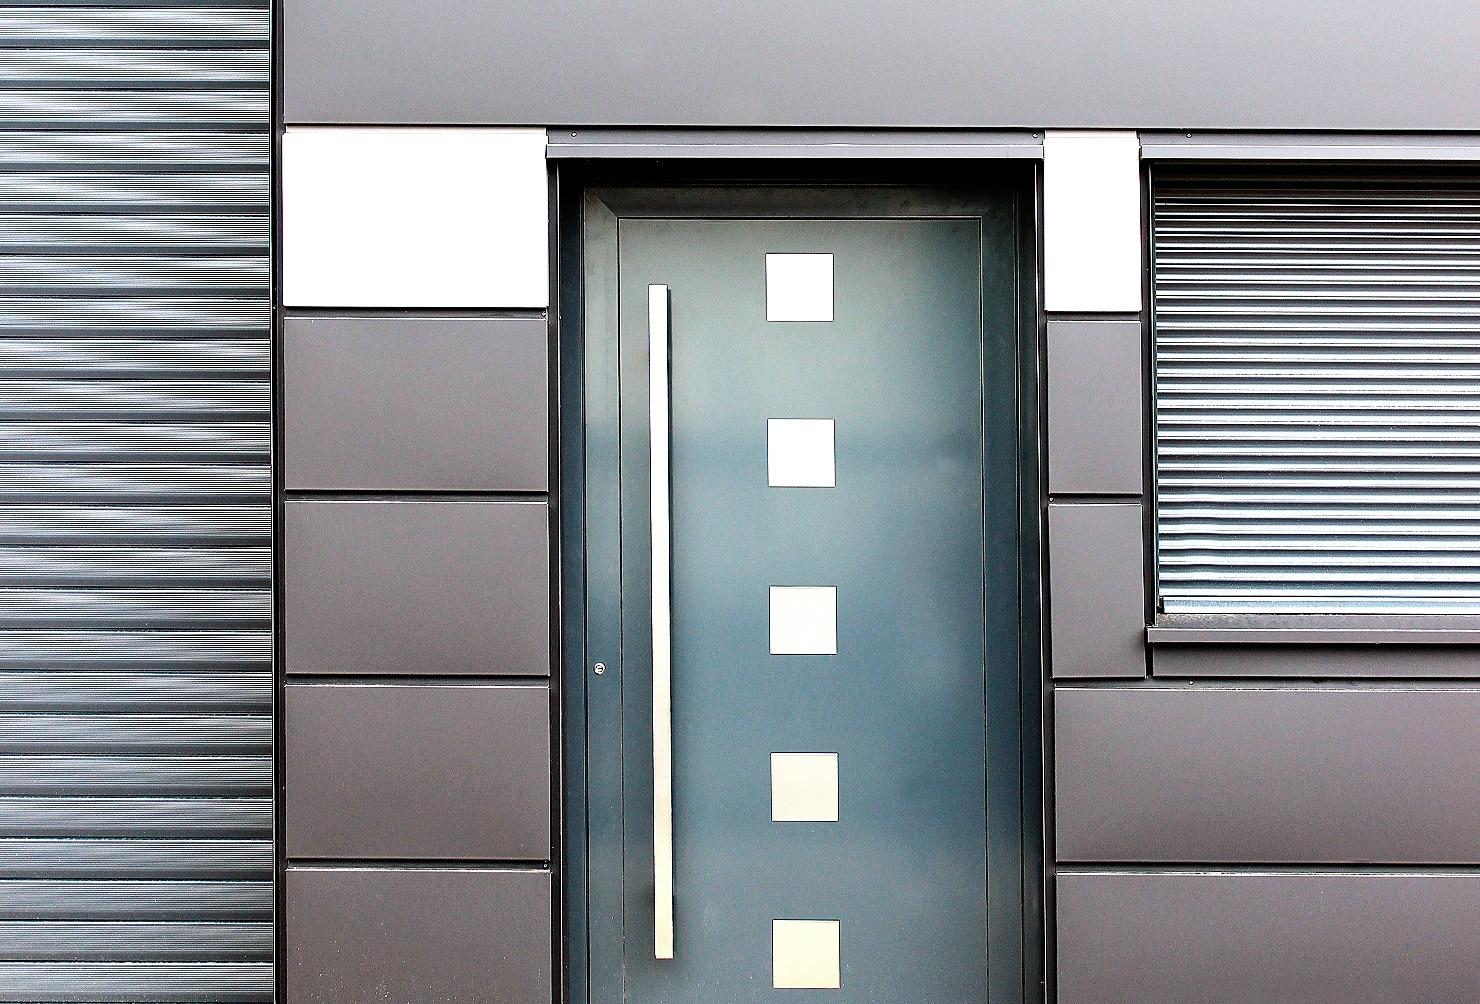 Beispiel für modernen Fassadenbau